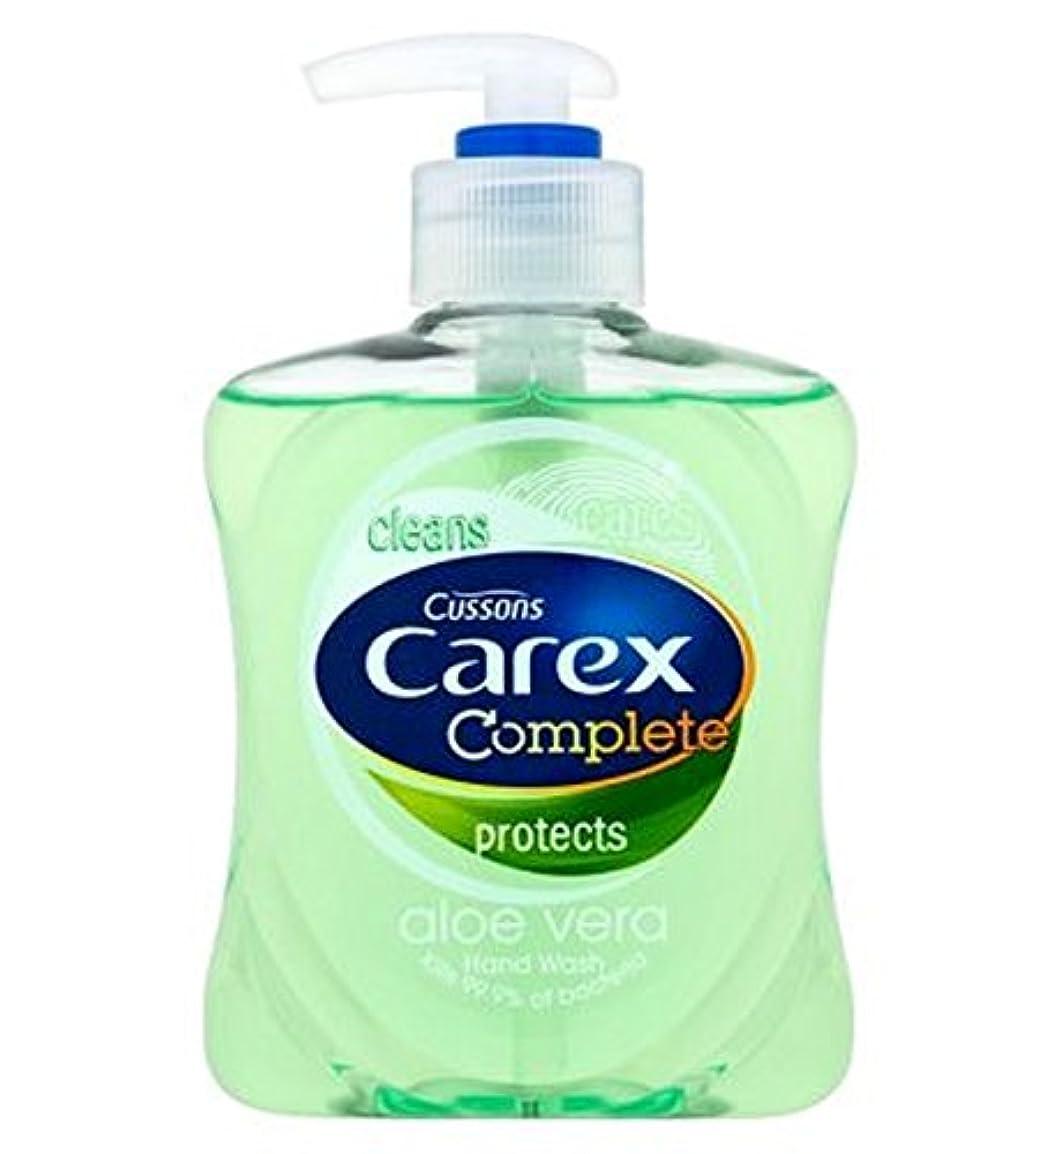 束コンテストコークスCarex Complete Aloe Hand Wash 250ml - スゲ属完全なアロエハンドウォッシュ250ミリリットル (Carex) [並行輸入品]